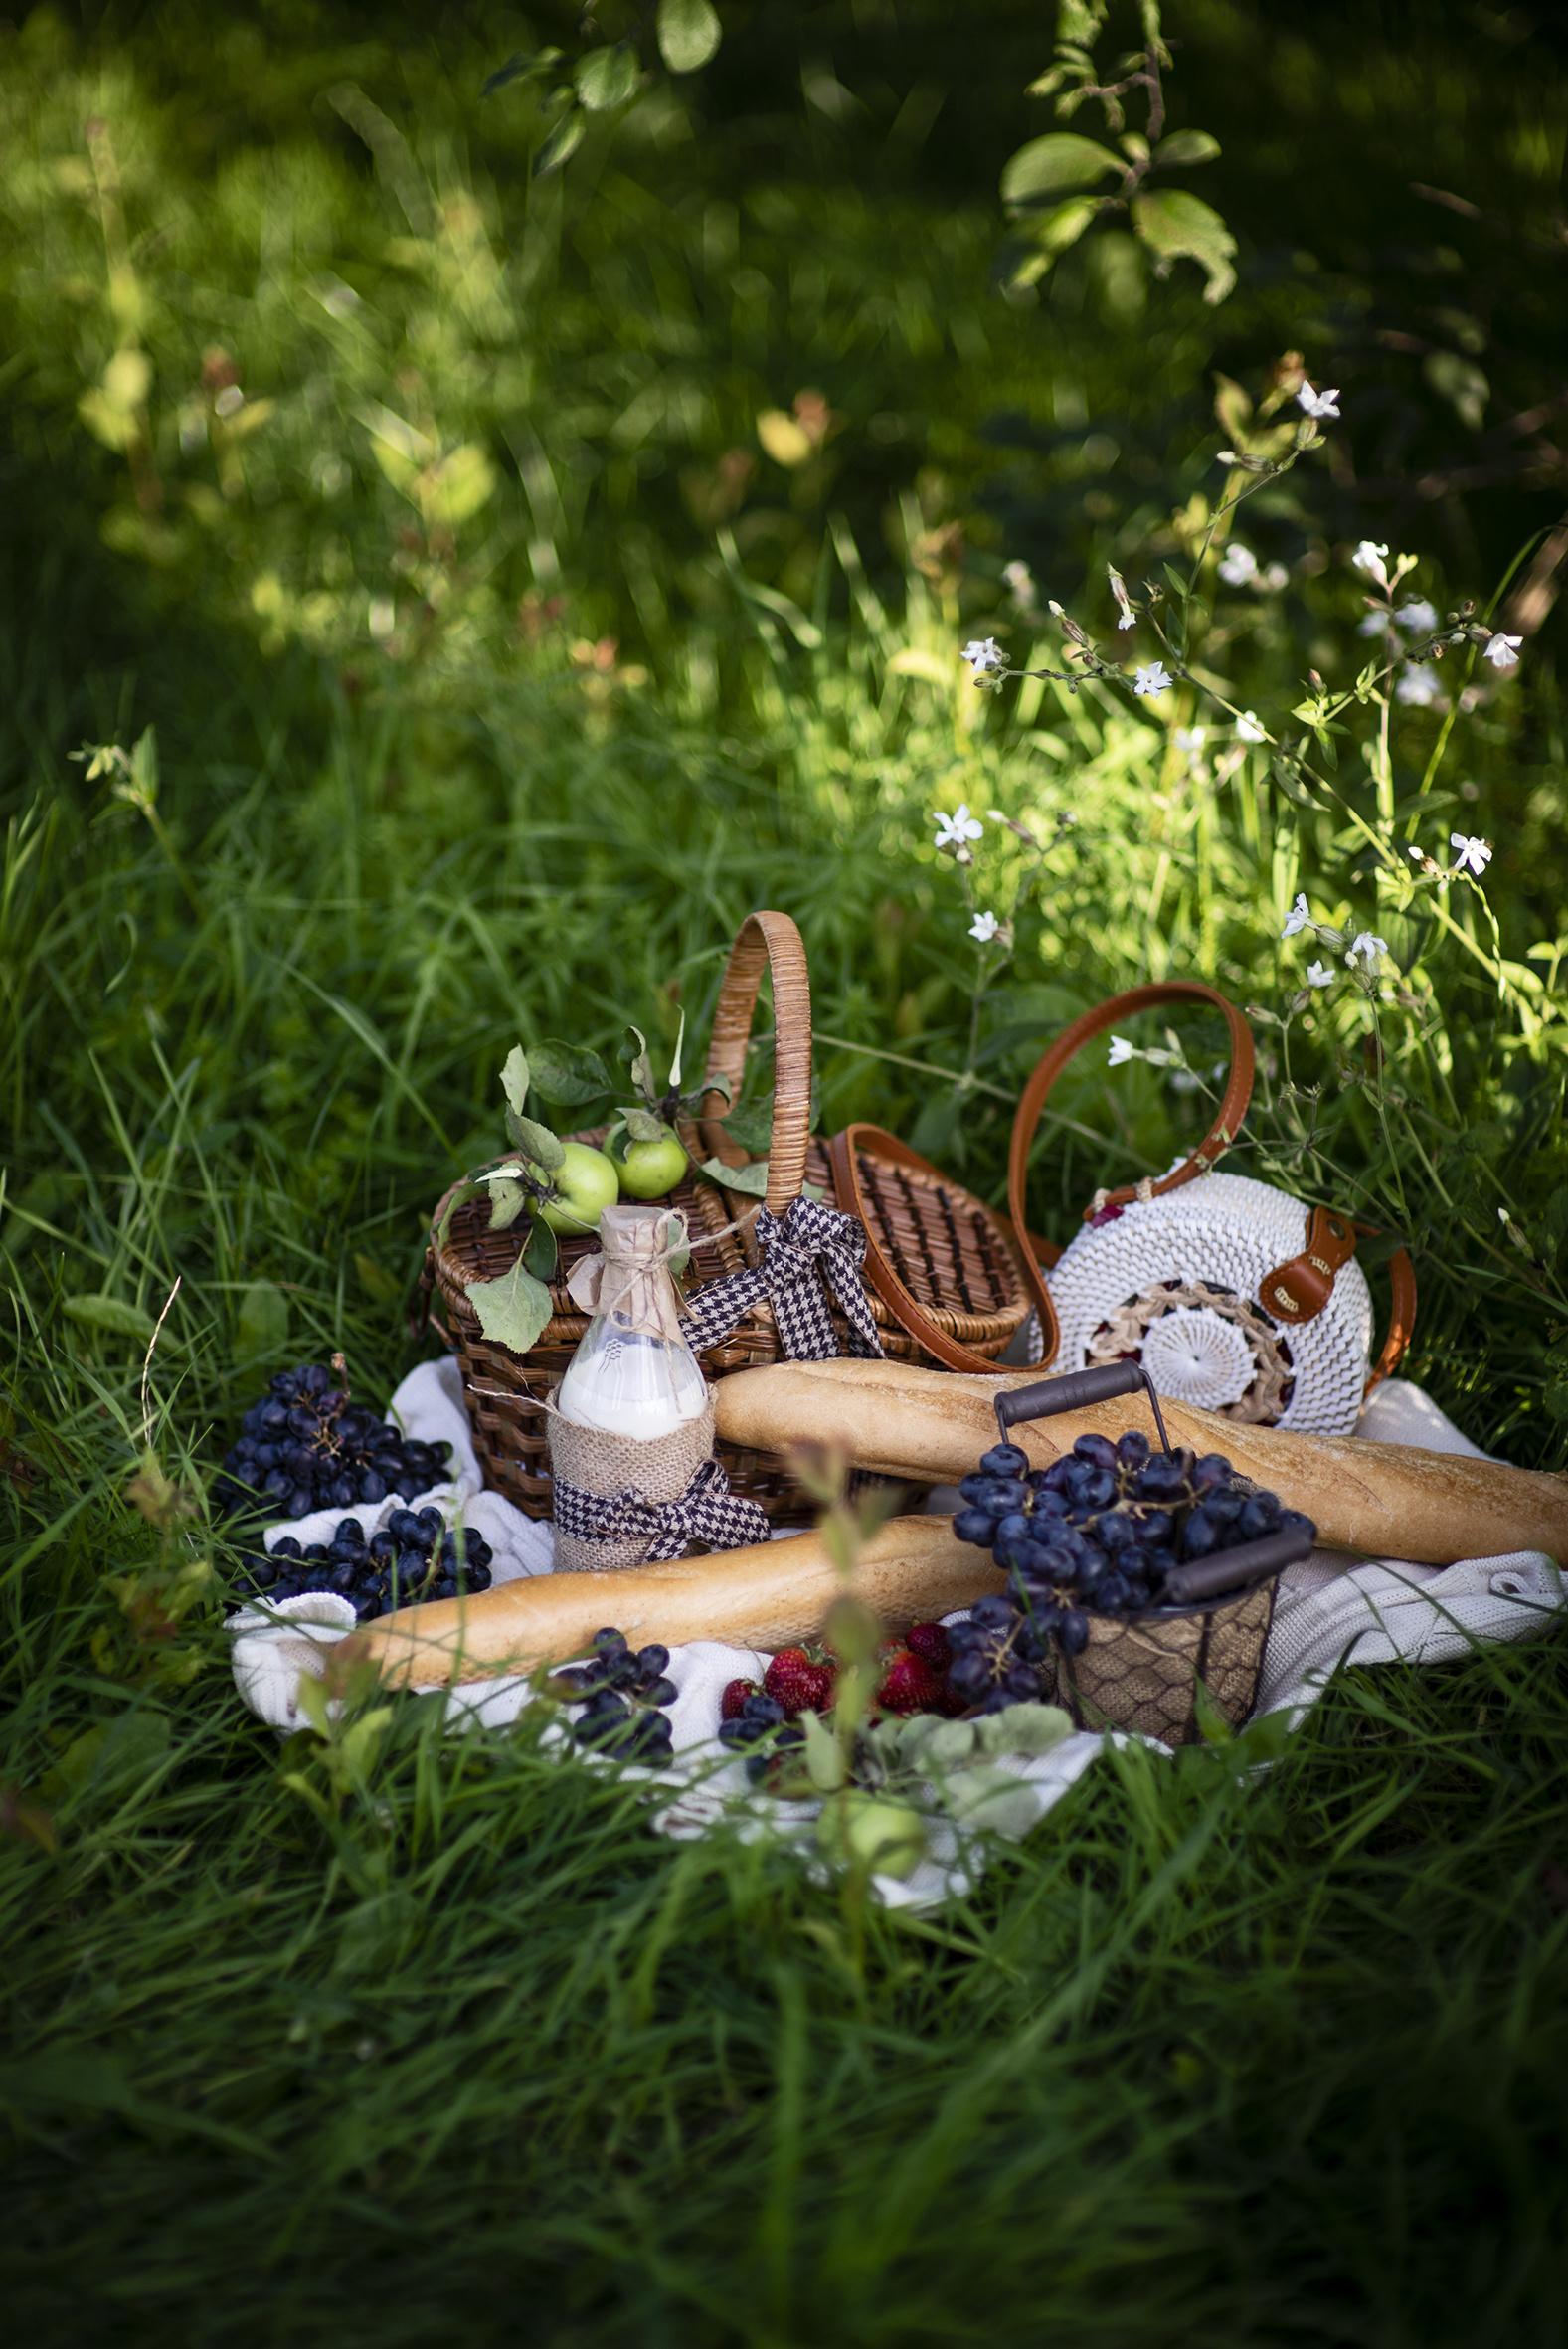 Foto Milch Picknick Brot Äpfel Weintraube Weidenkorb flaschen das Essen  für Handy Trauben Flasche Lebensmittel